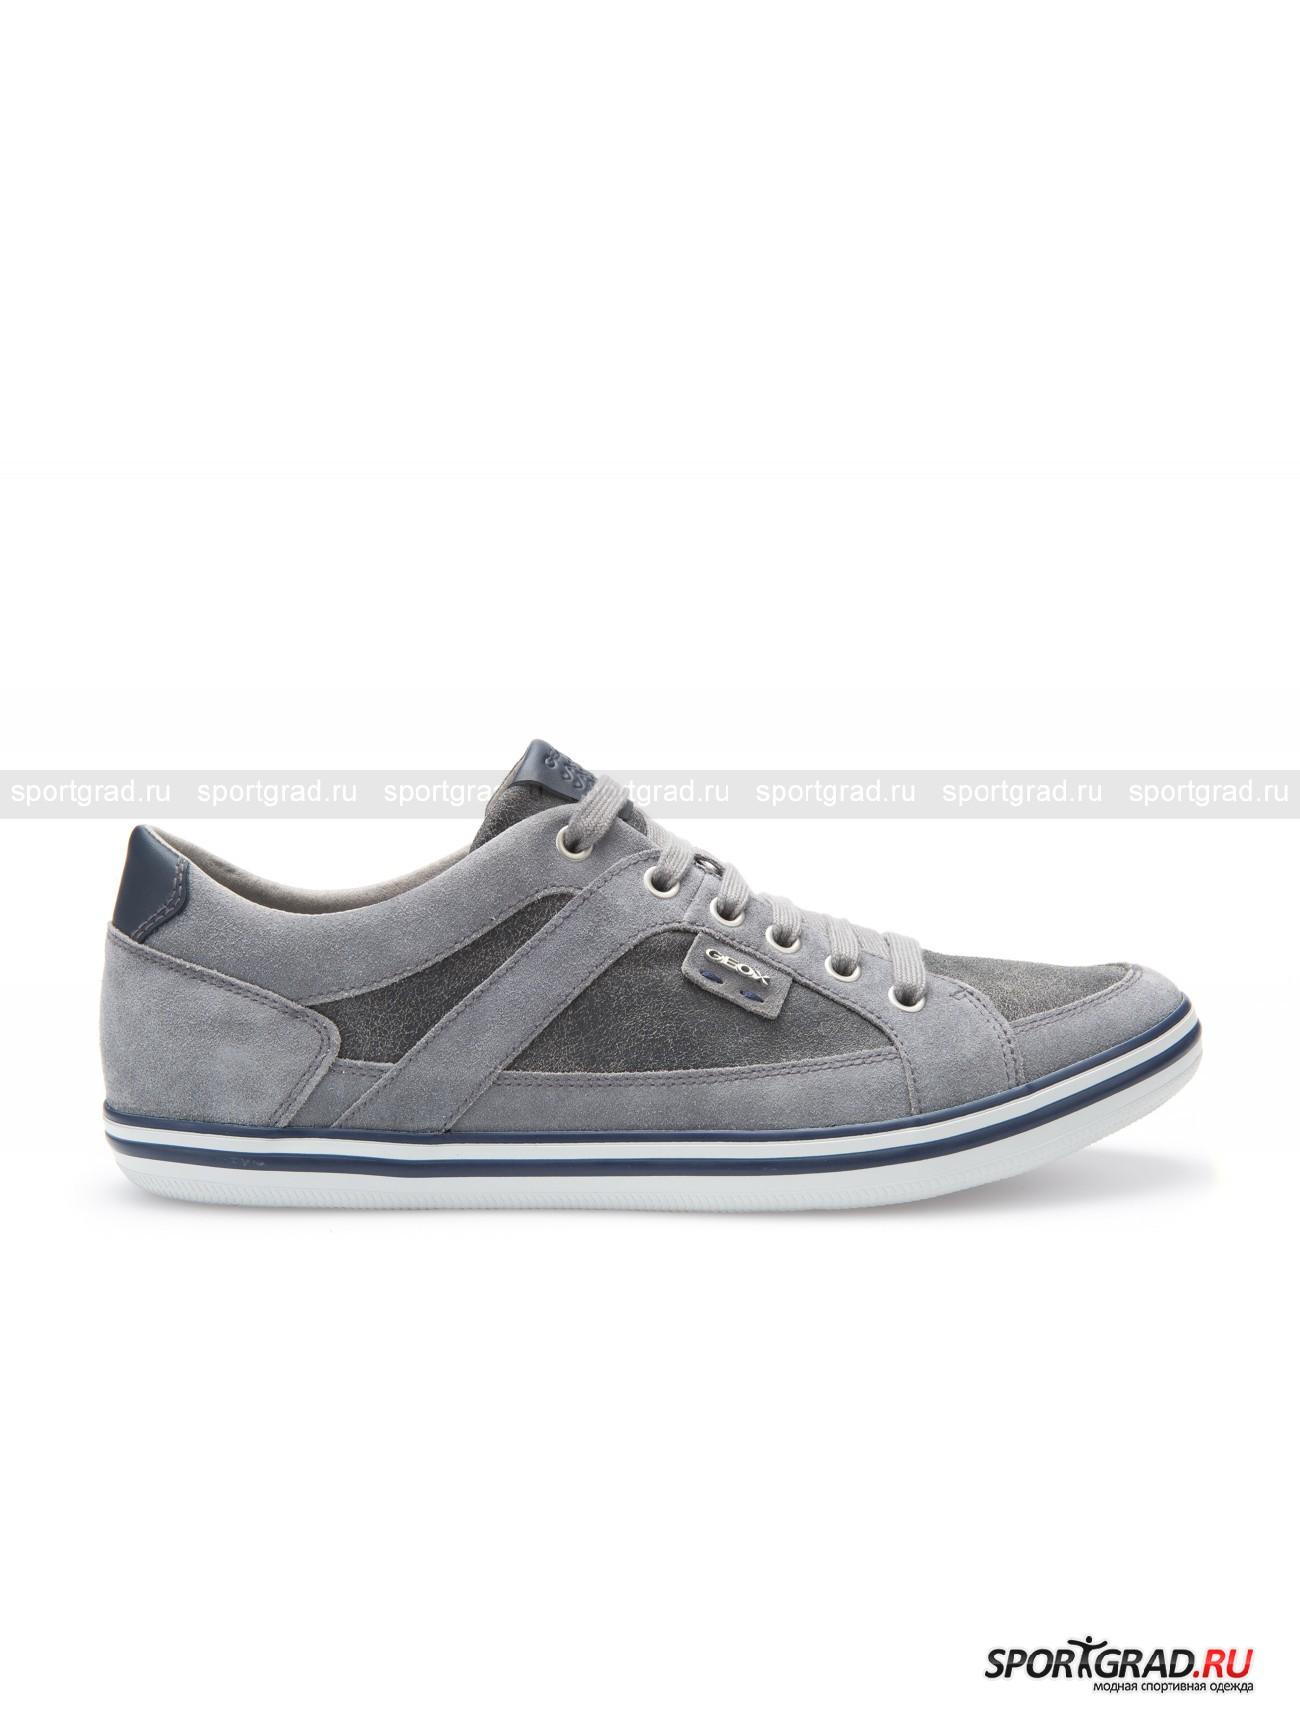 ���� ������� ��� ������ Sneakers GEOX